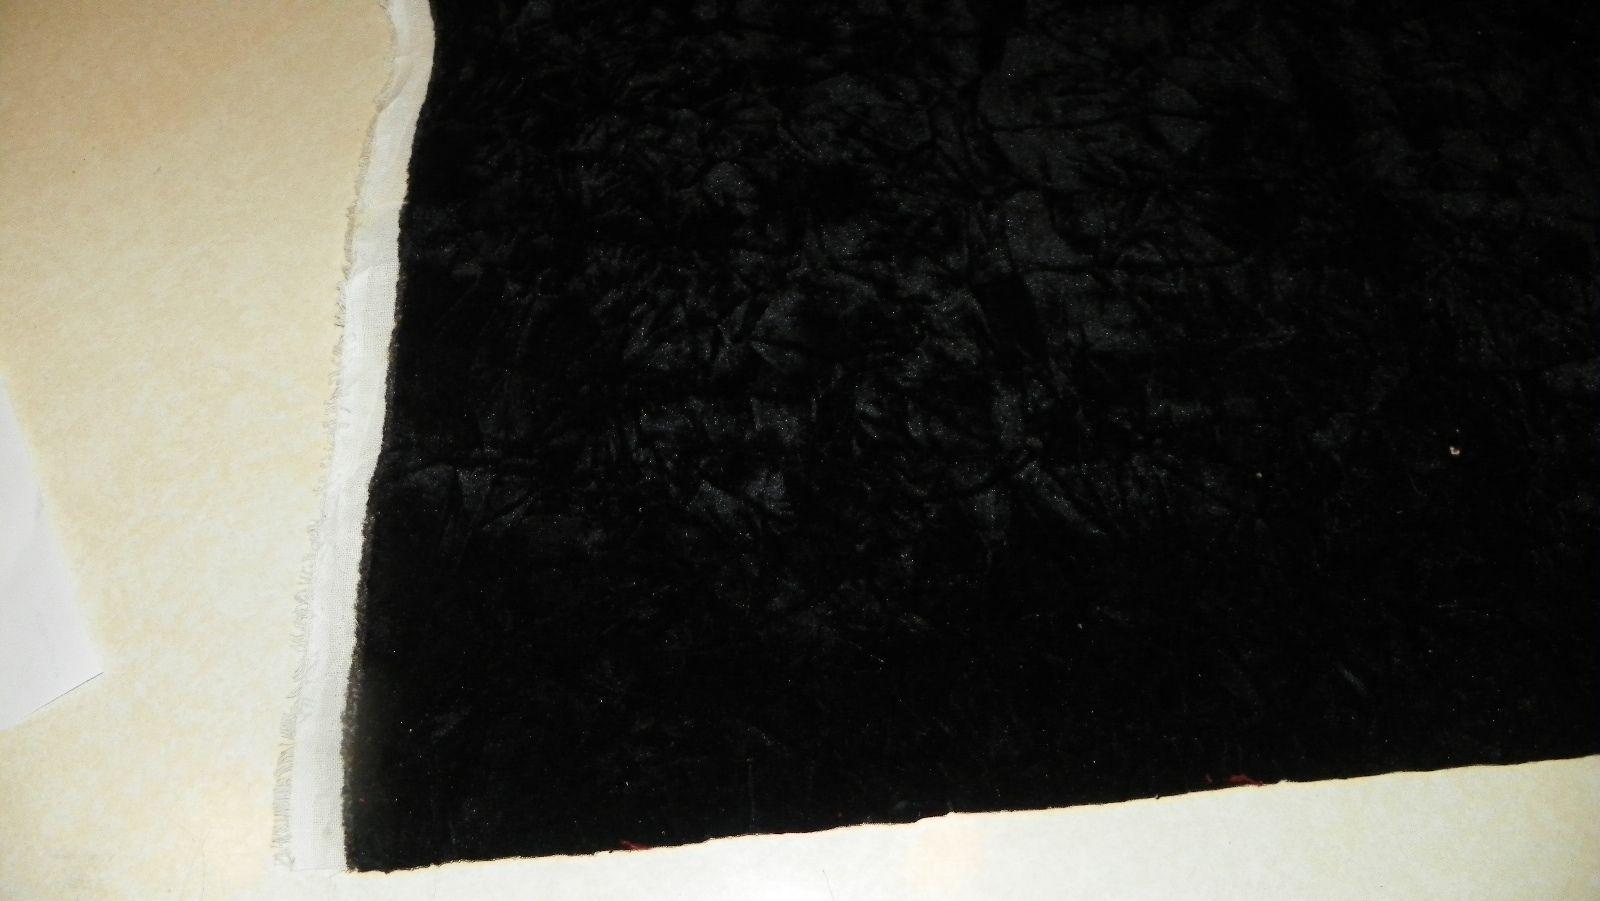 Black Crushed Velvet Upholstery Fabric  F1306